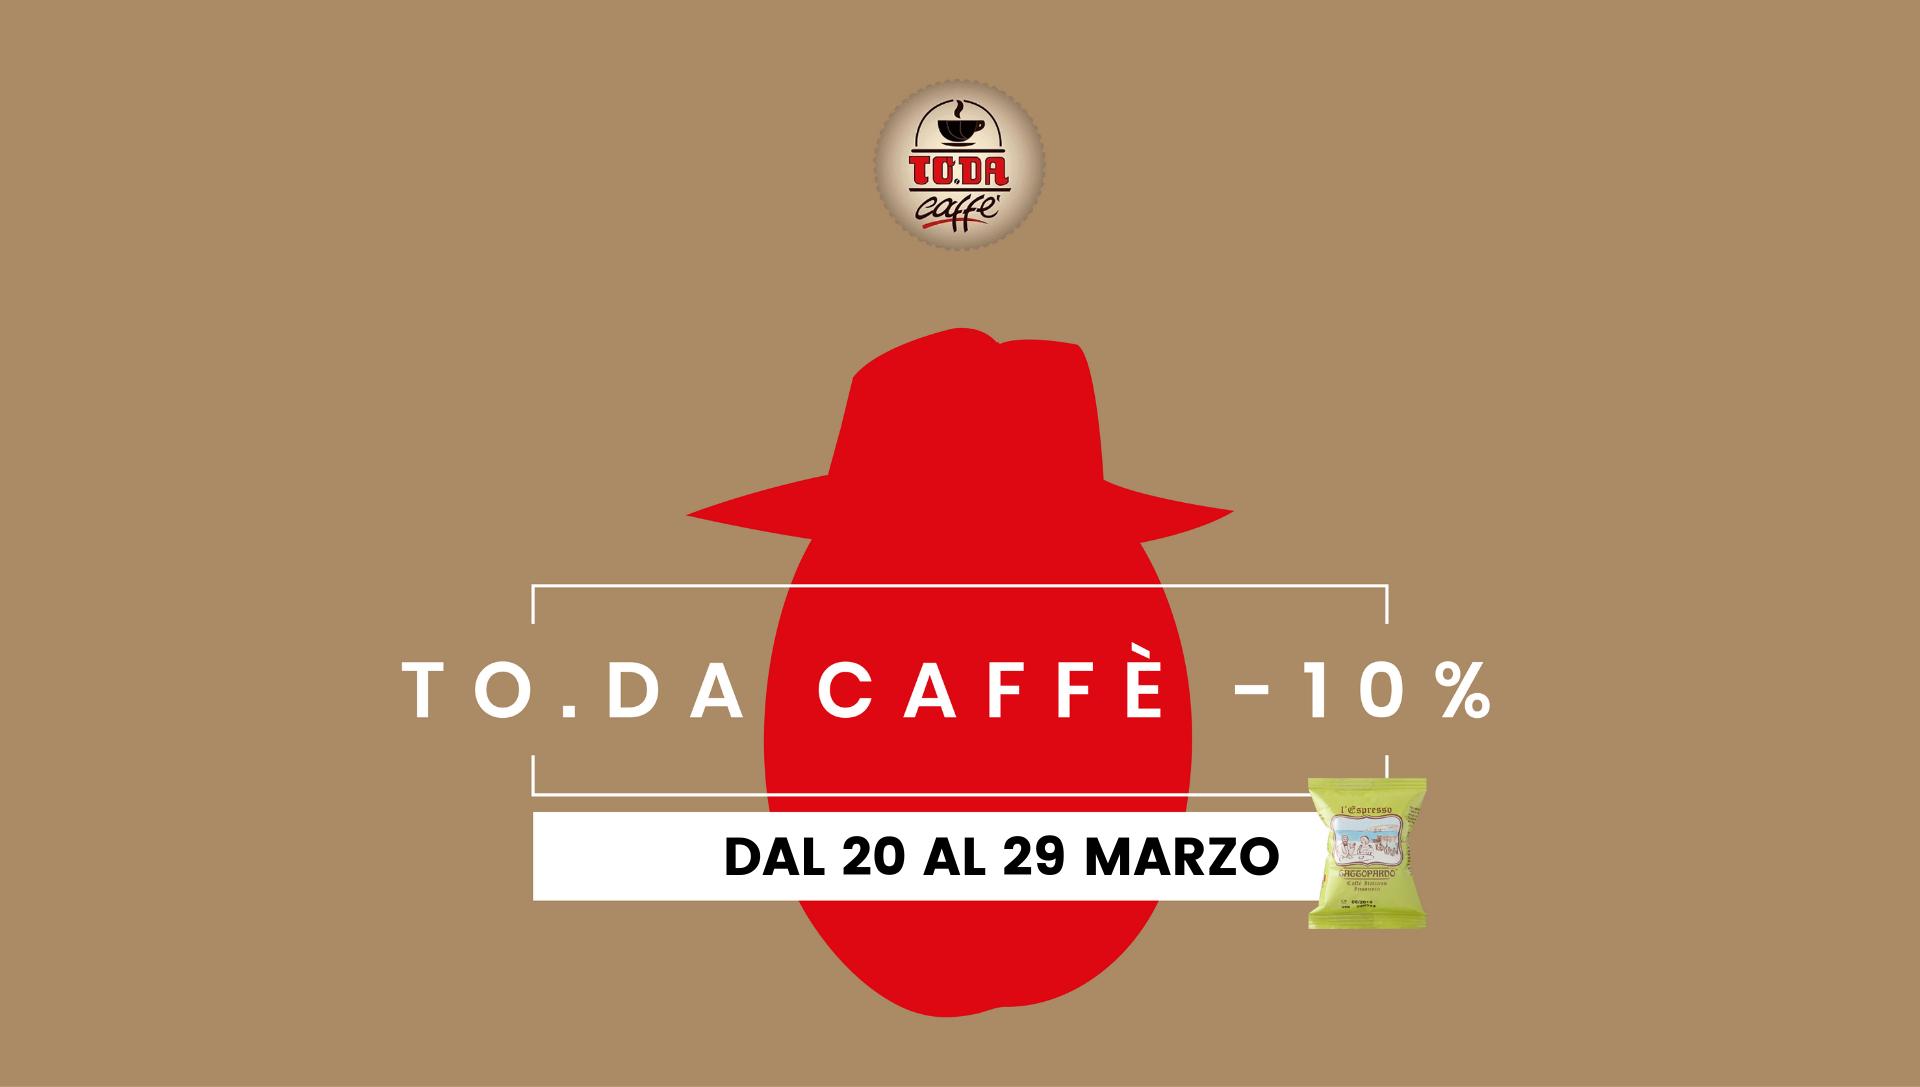 TO.DA Caffè - SCONTO -10%